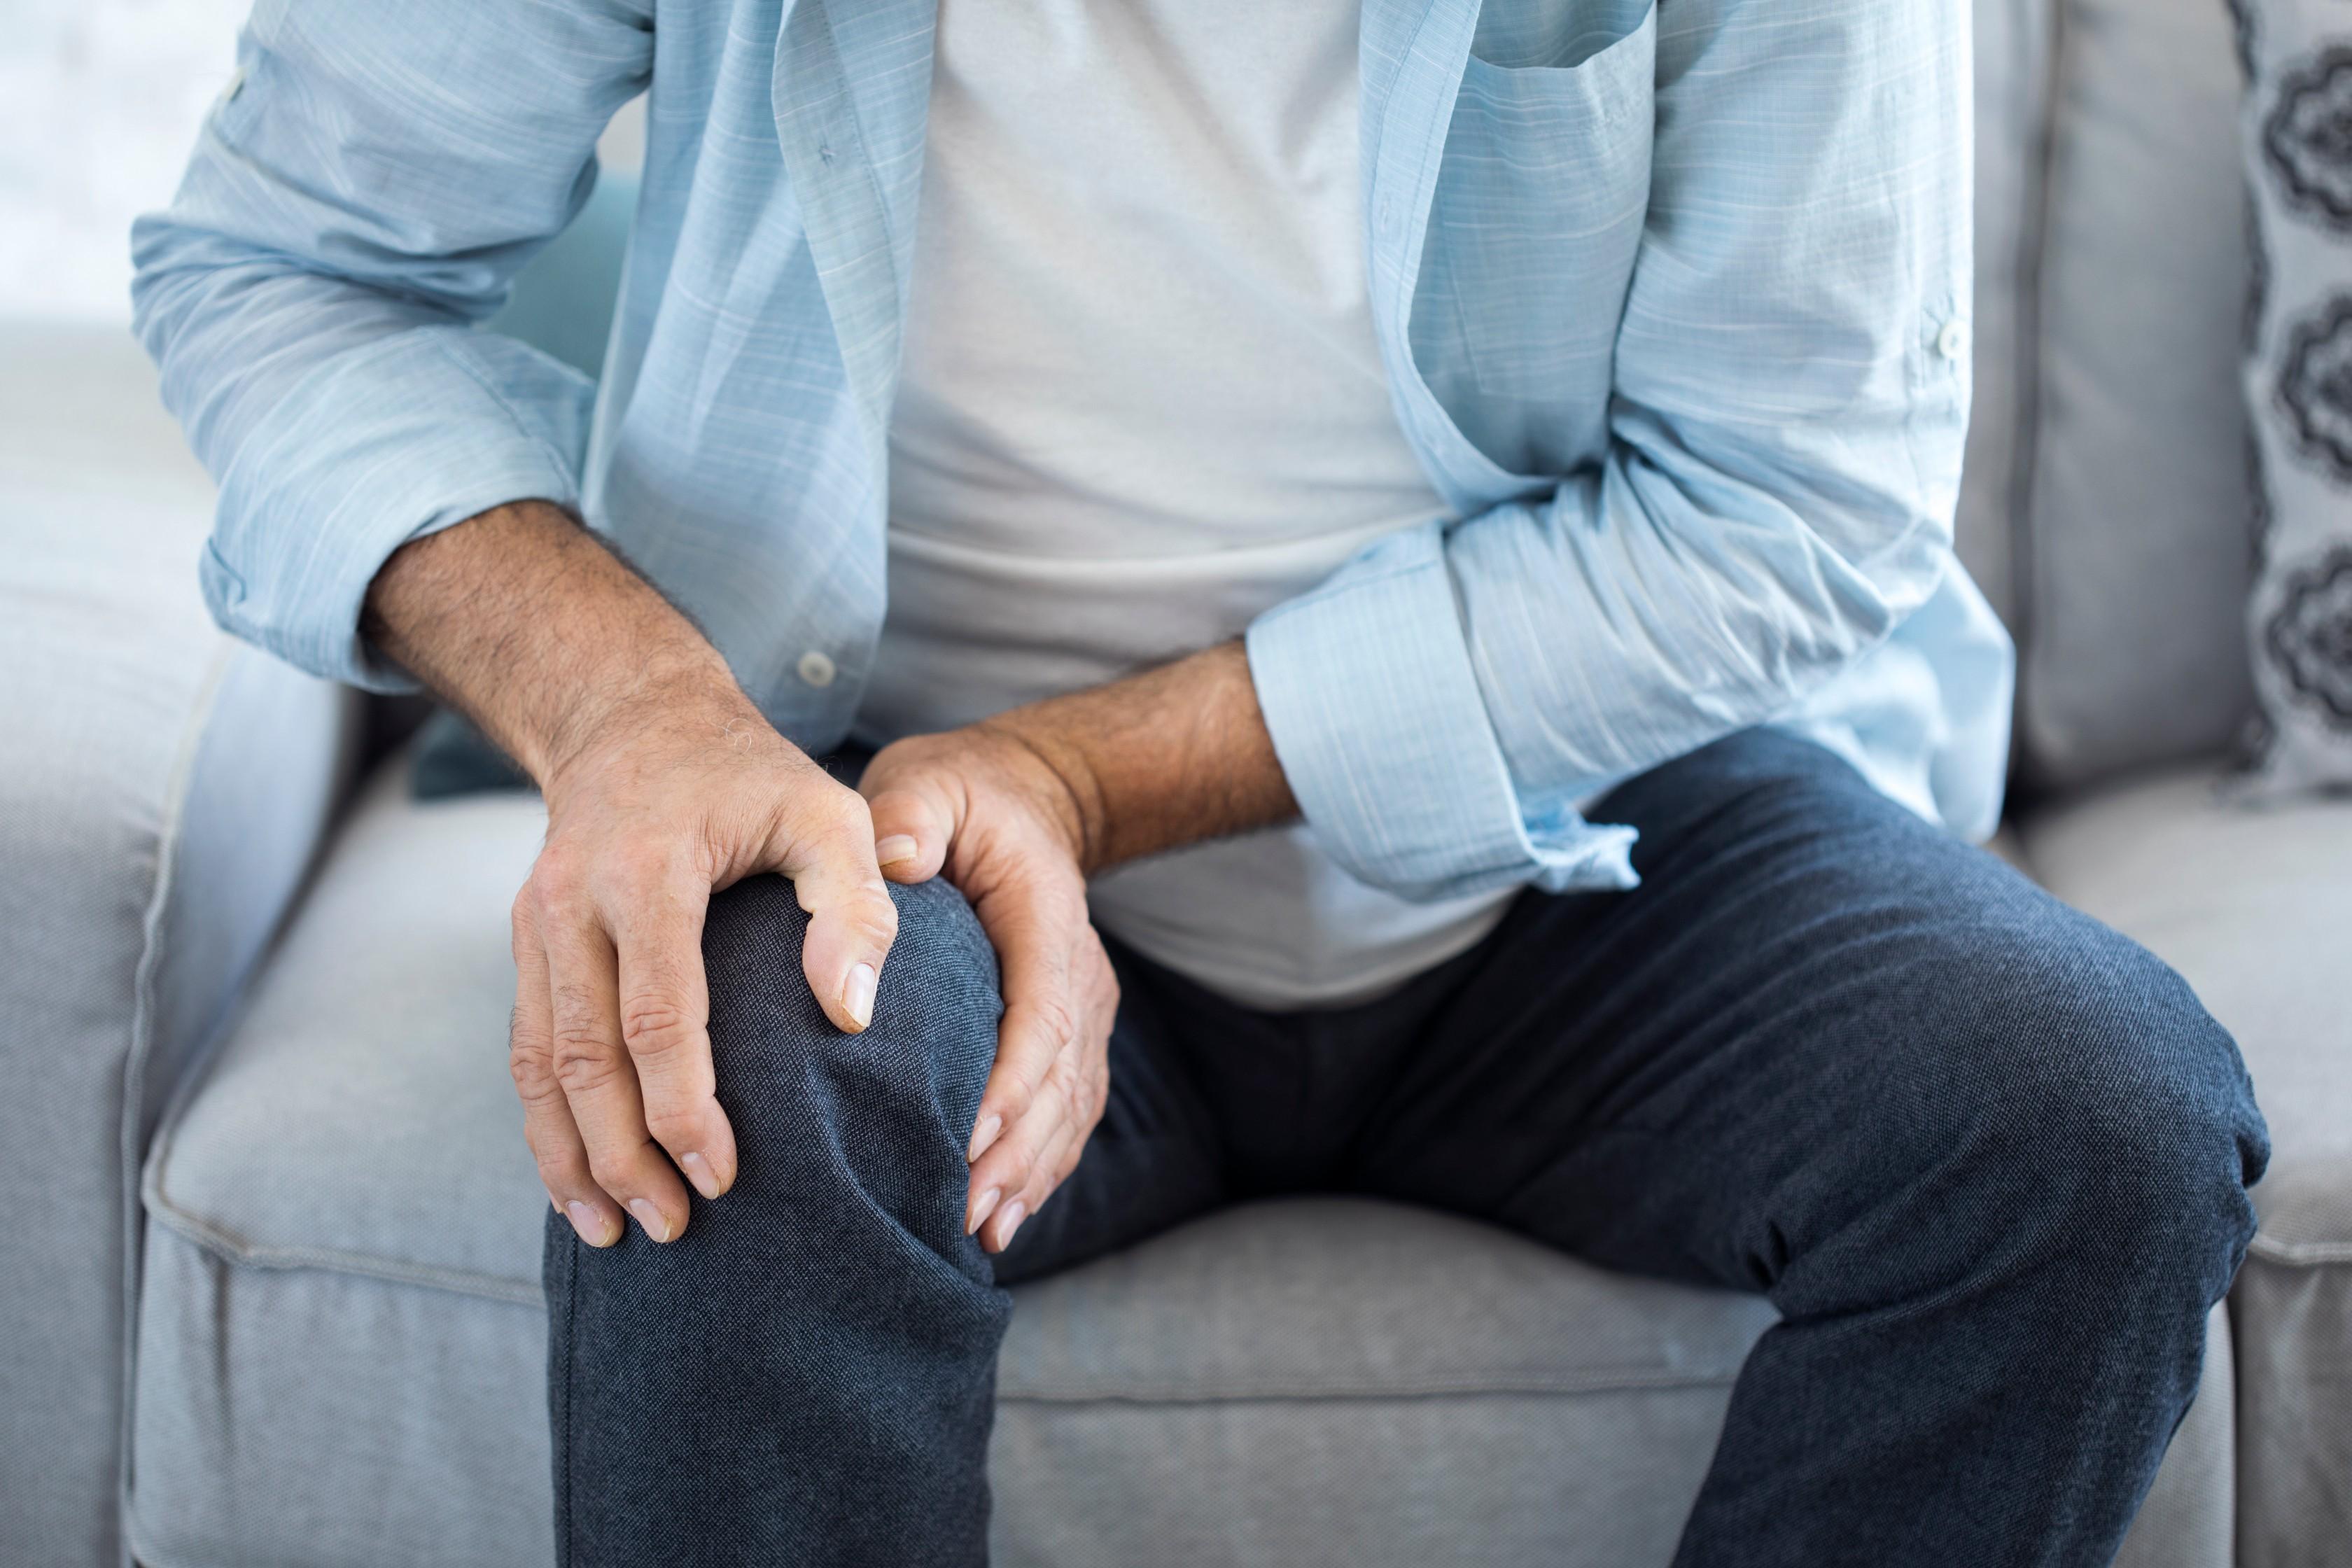 ízületi fájdalom diagnosztizálása merevség és fájdalom az izmokban és az ízületekben